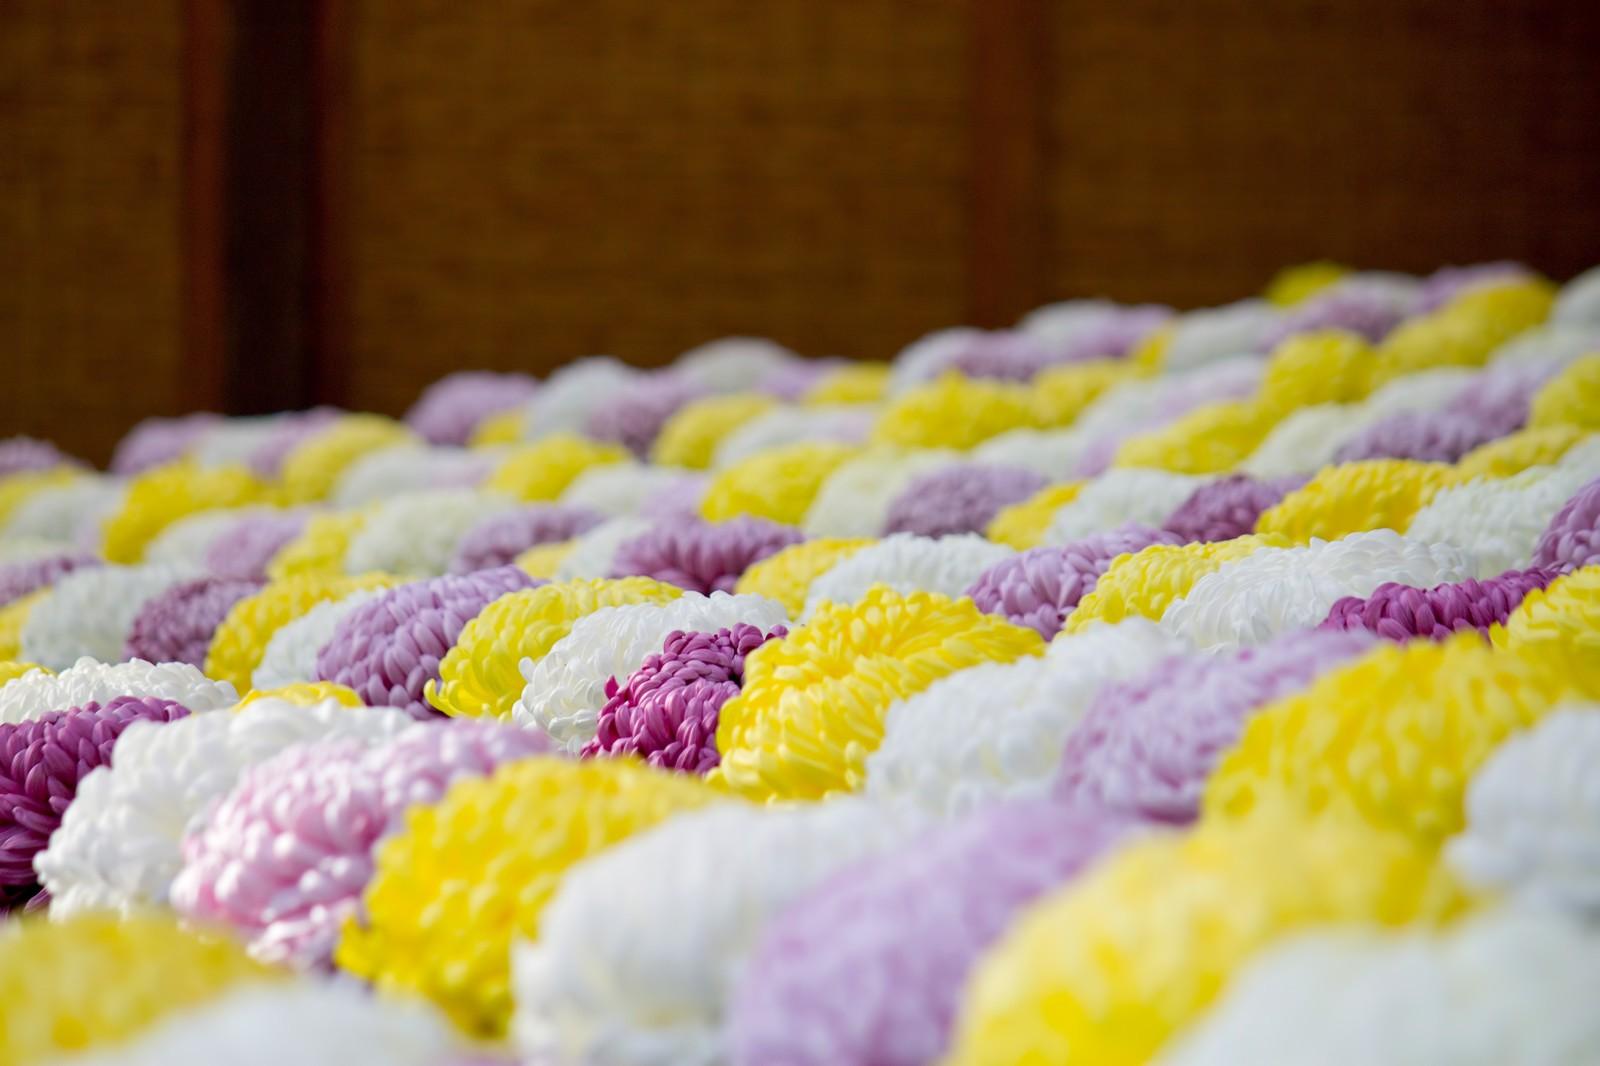 葬式 夢 占い お 【夢占い】葬式の夢の意味23選 行く・準備・自分など状況別に夢診断